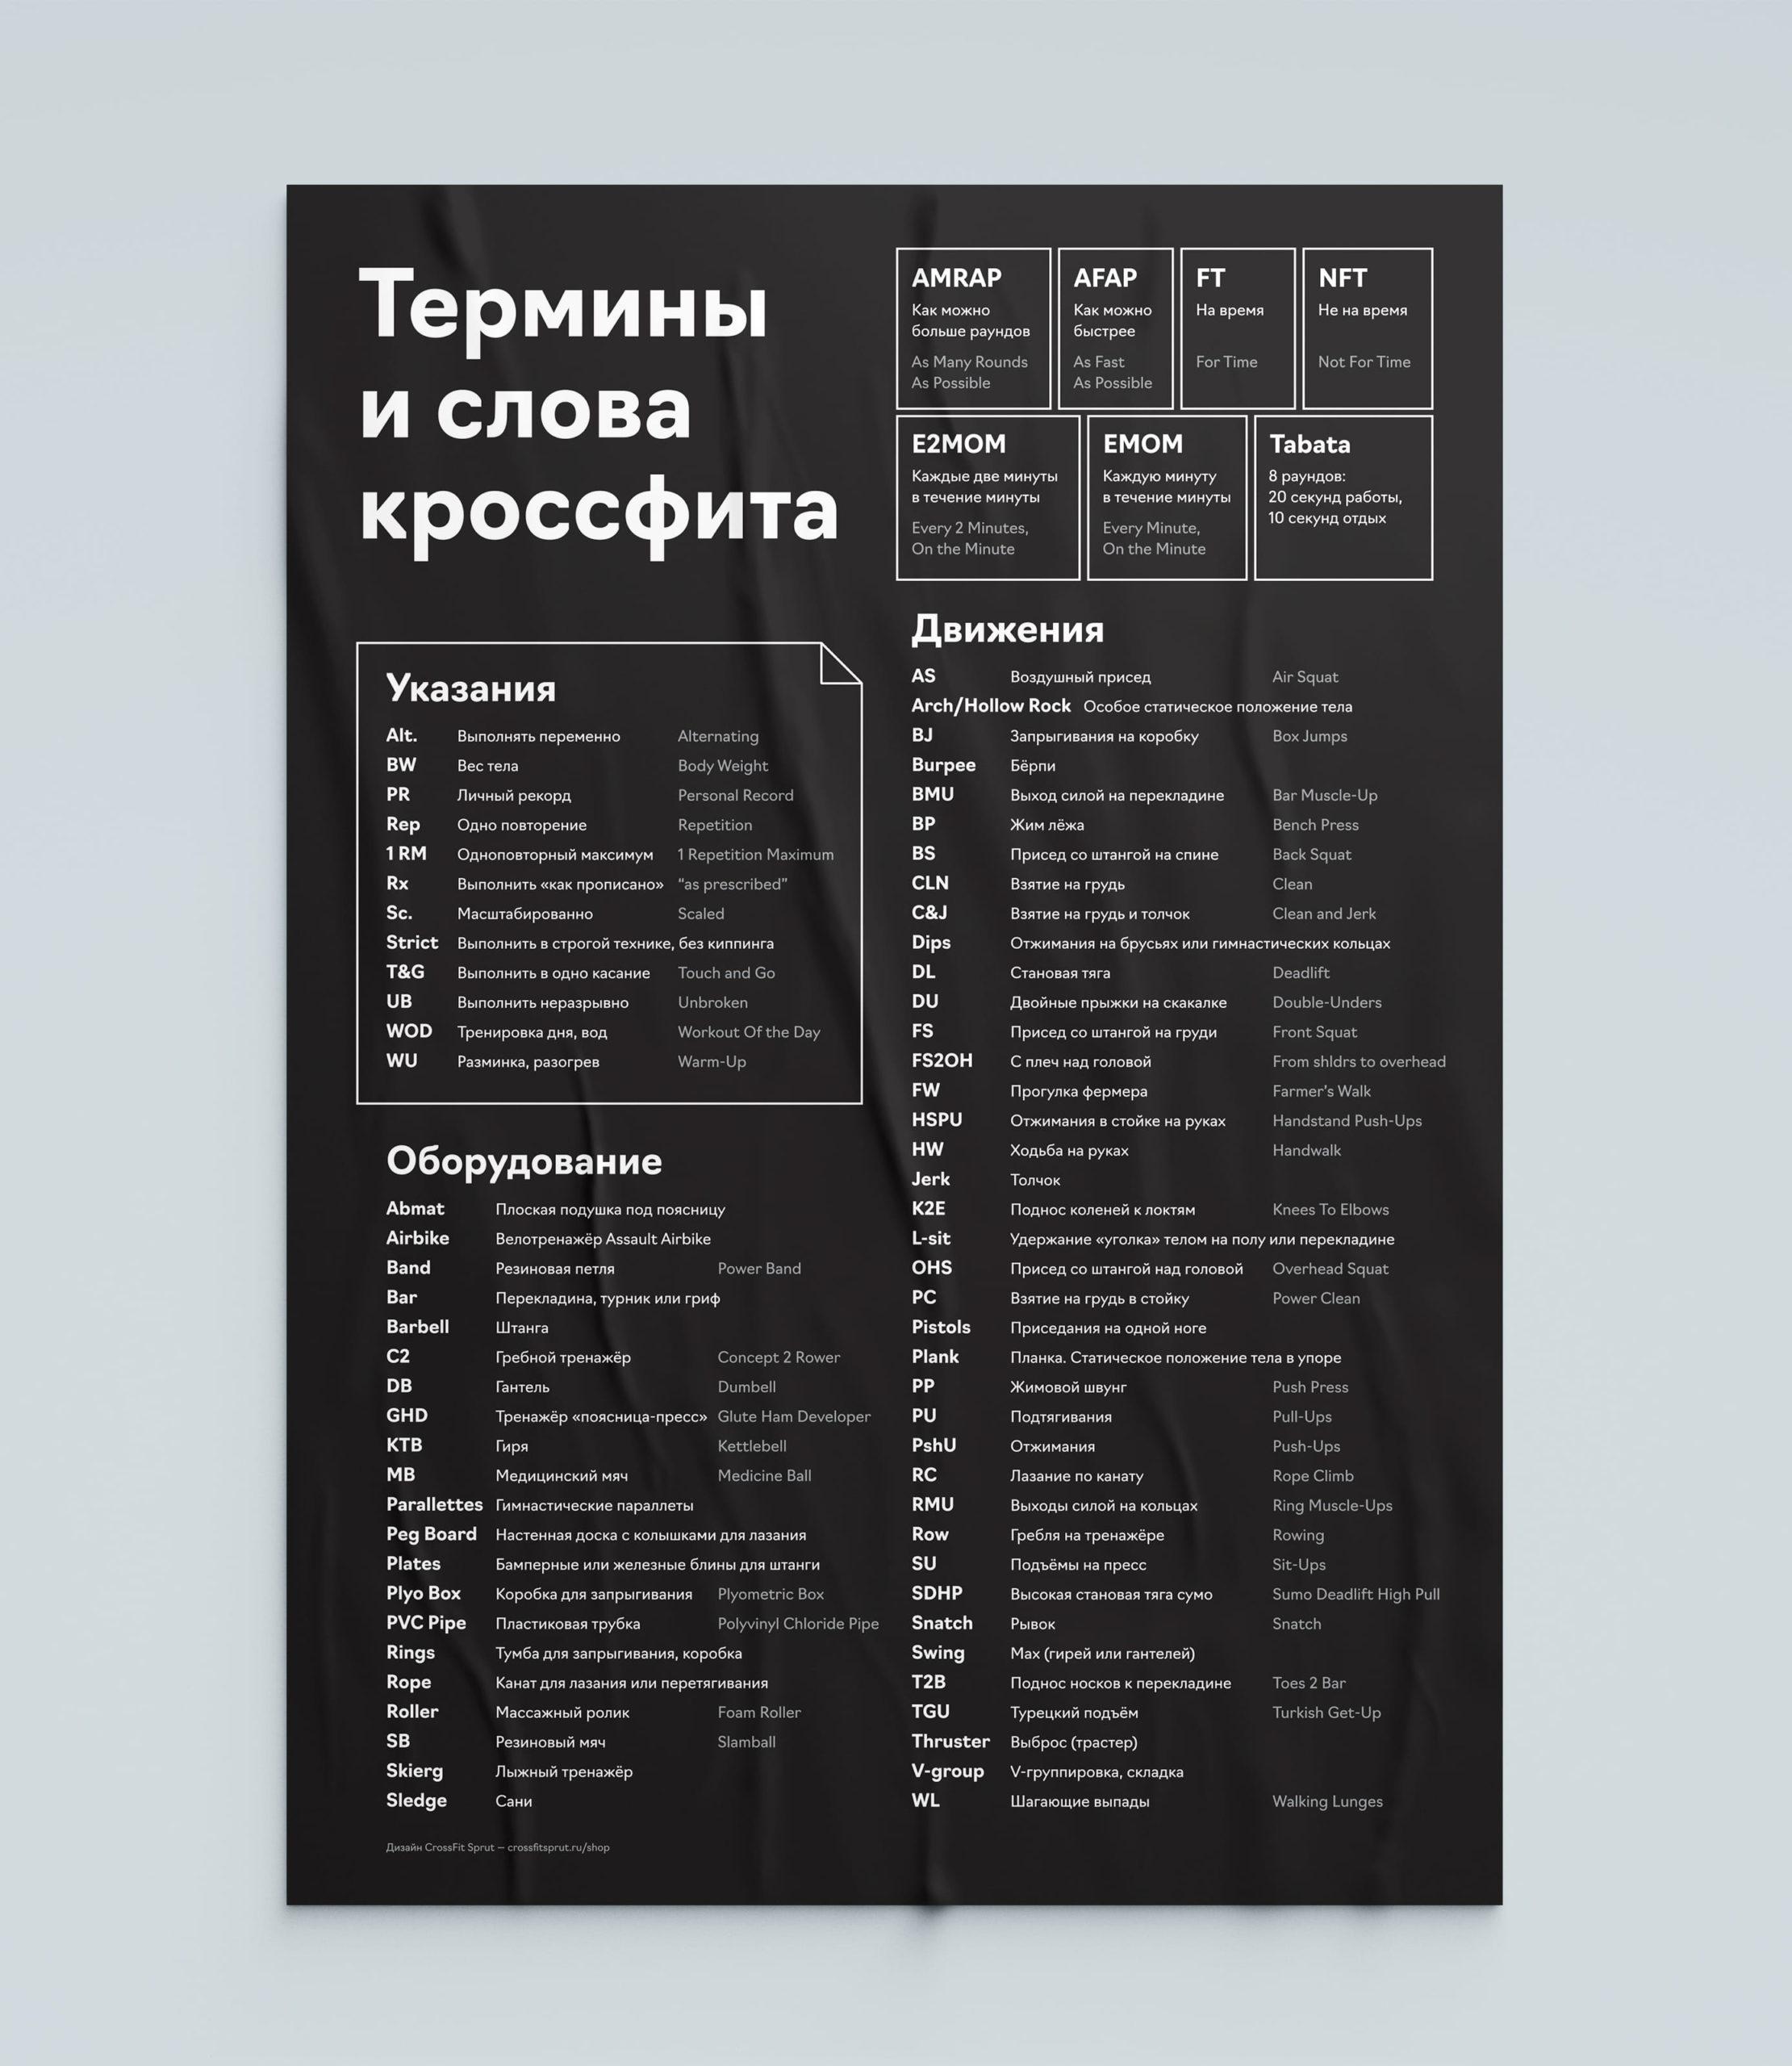 Кроссфит термины: перевод терминологии и обозначений с английского на русский